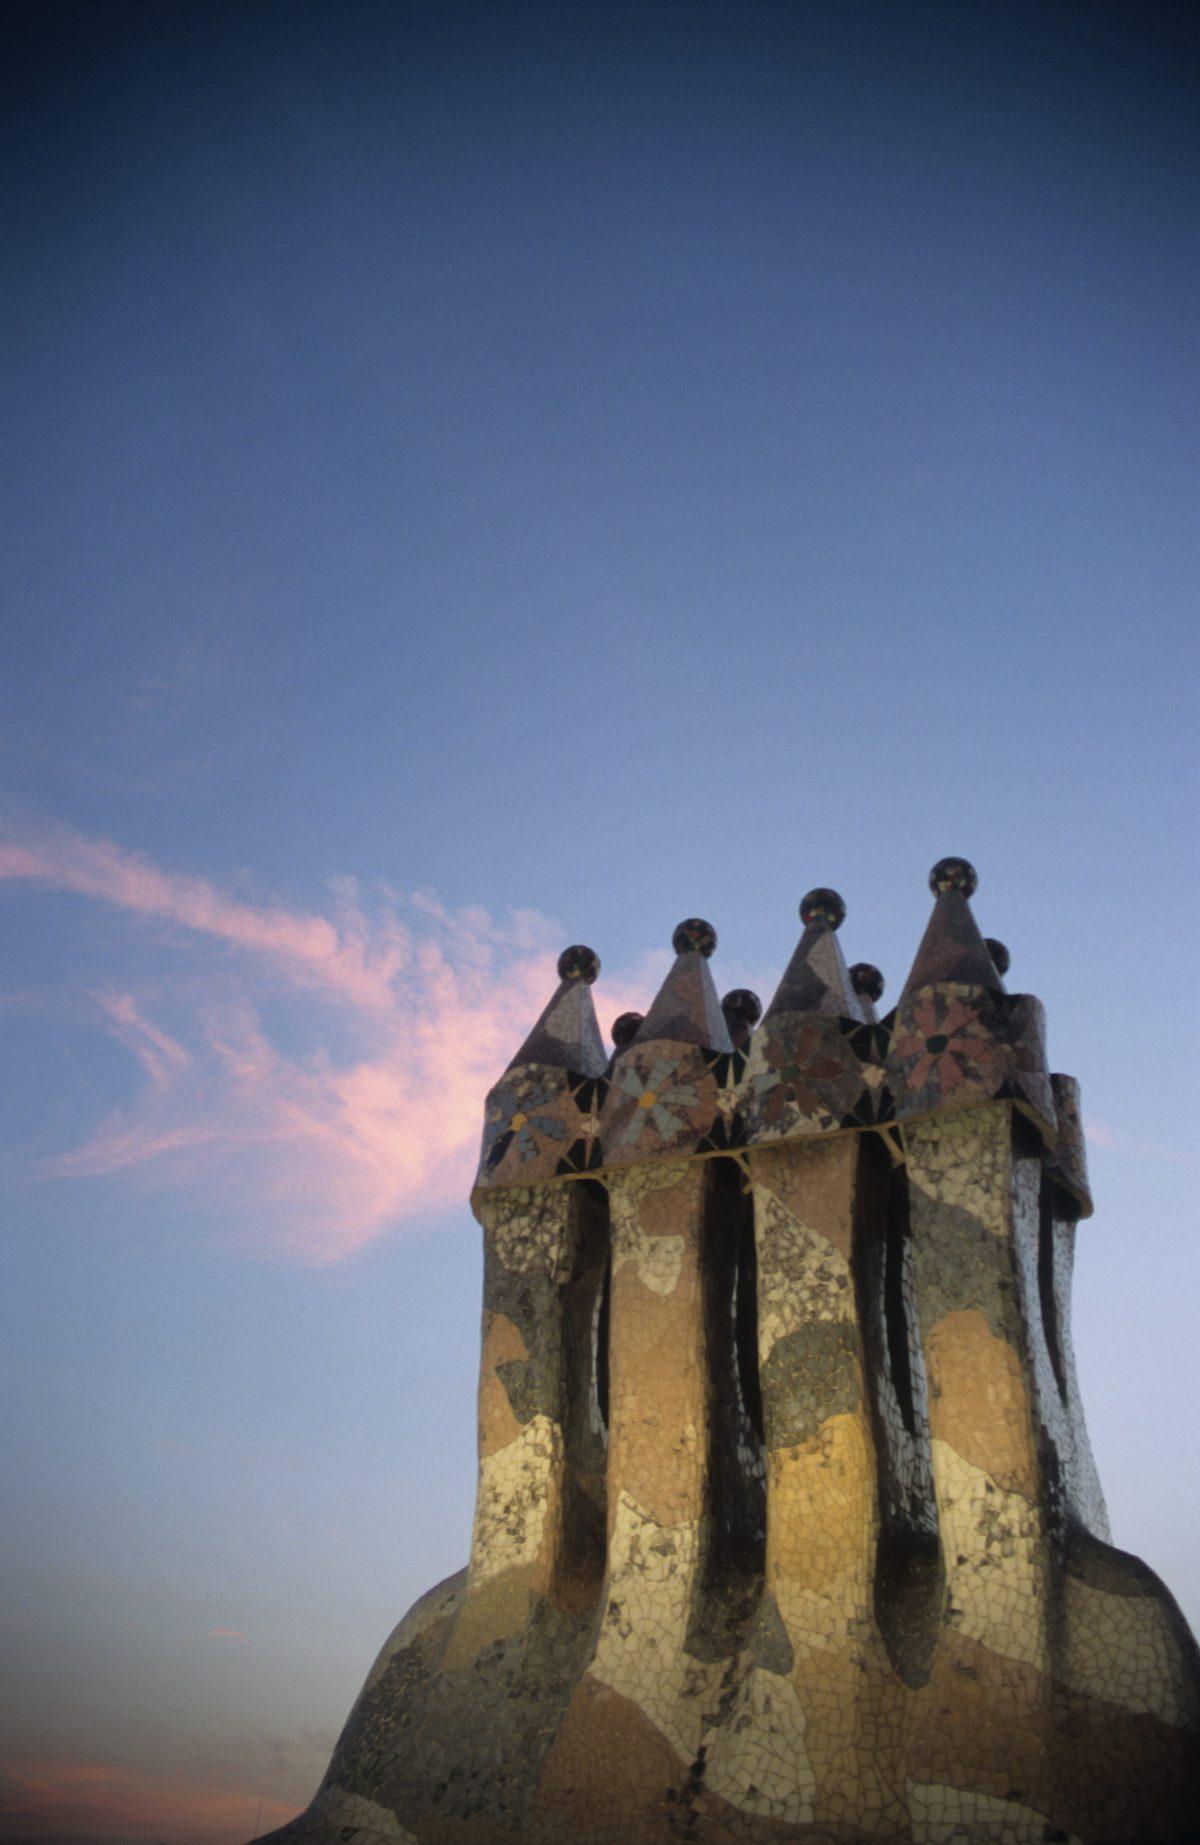 Casa Batlló - Gaudí chimneys, chimney, sky